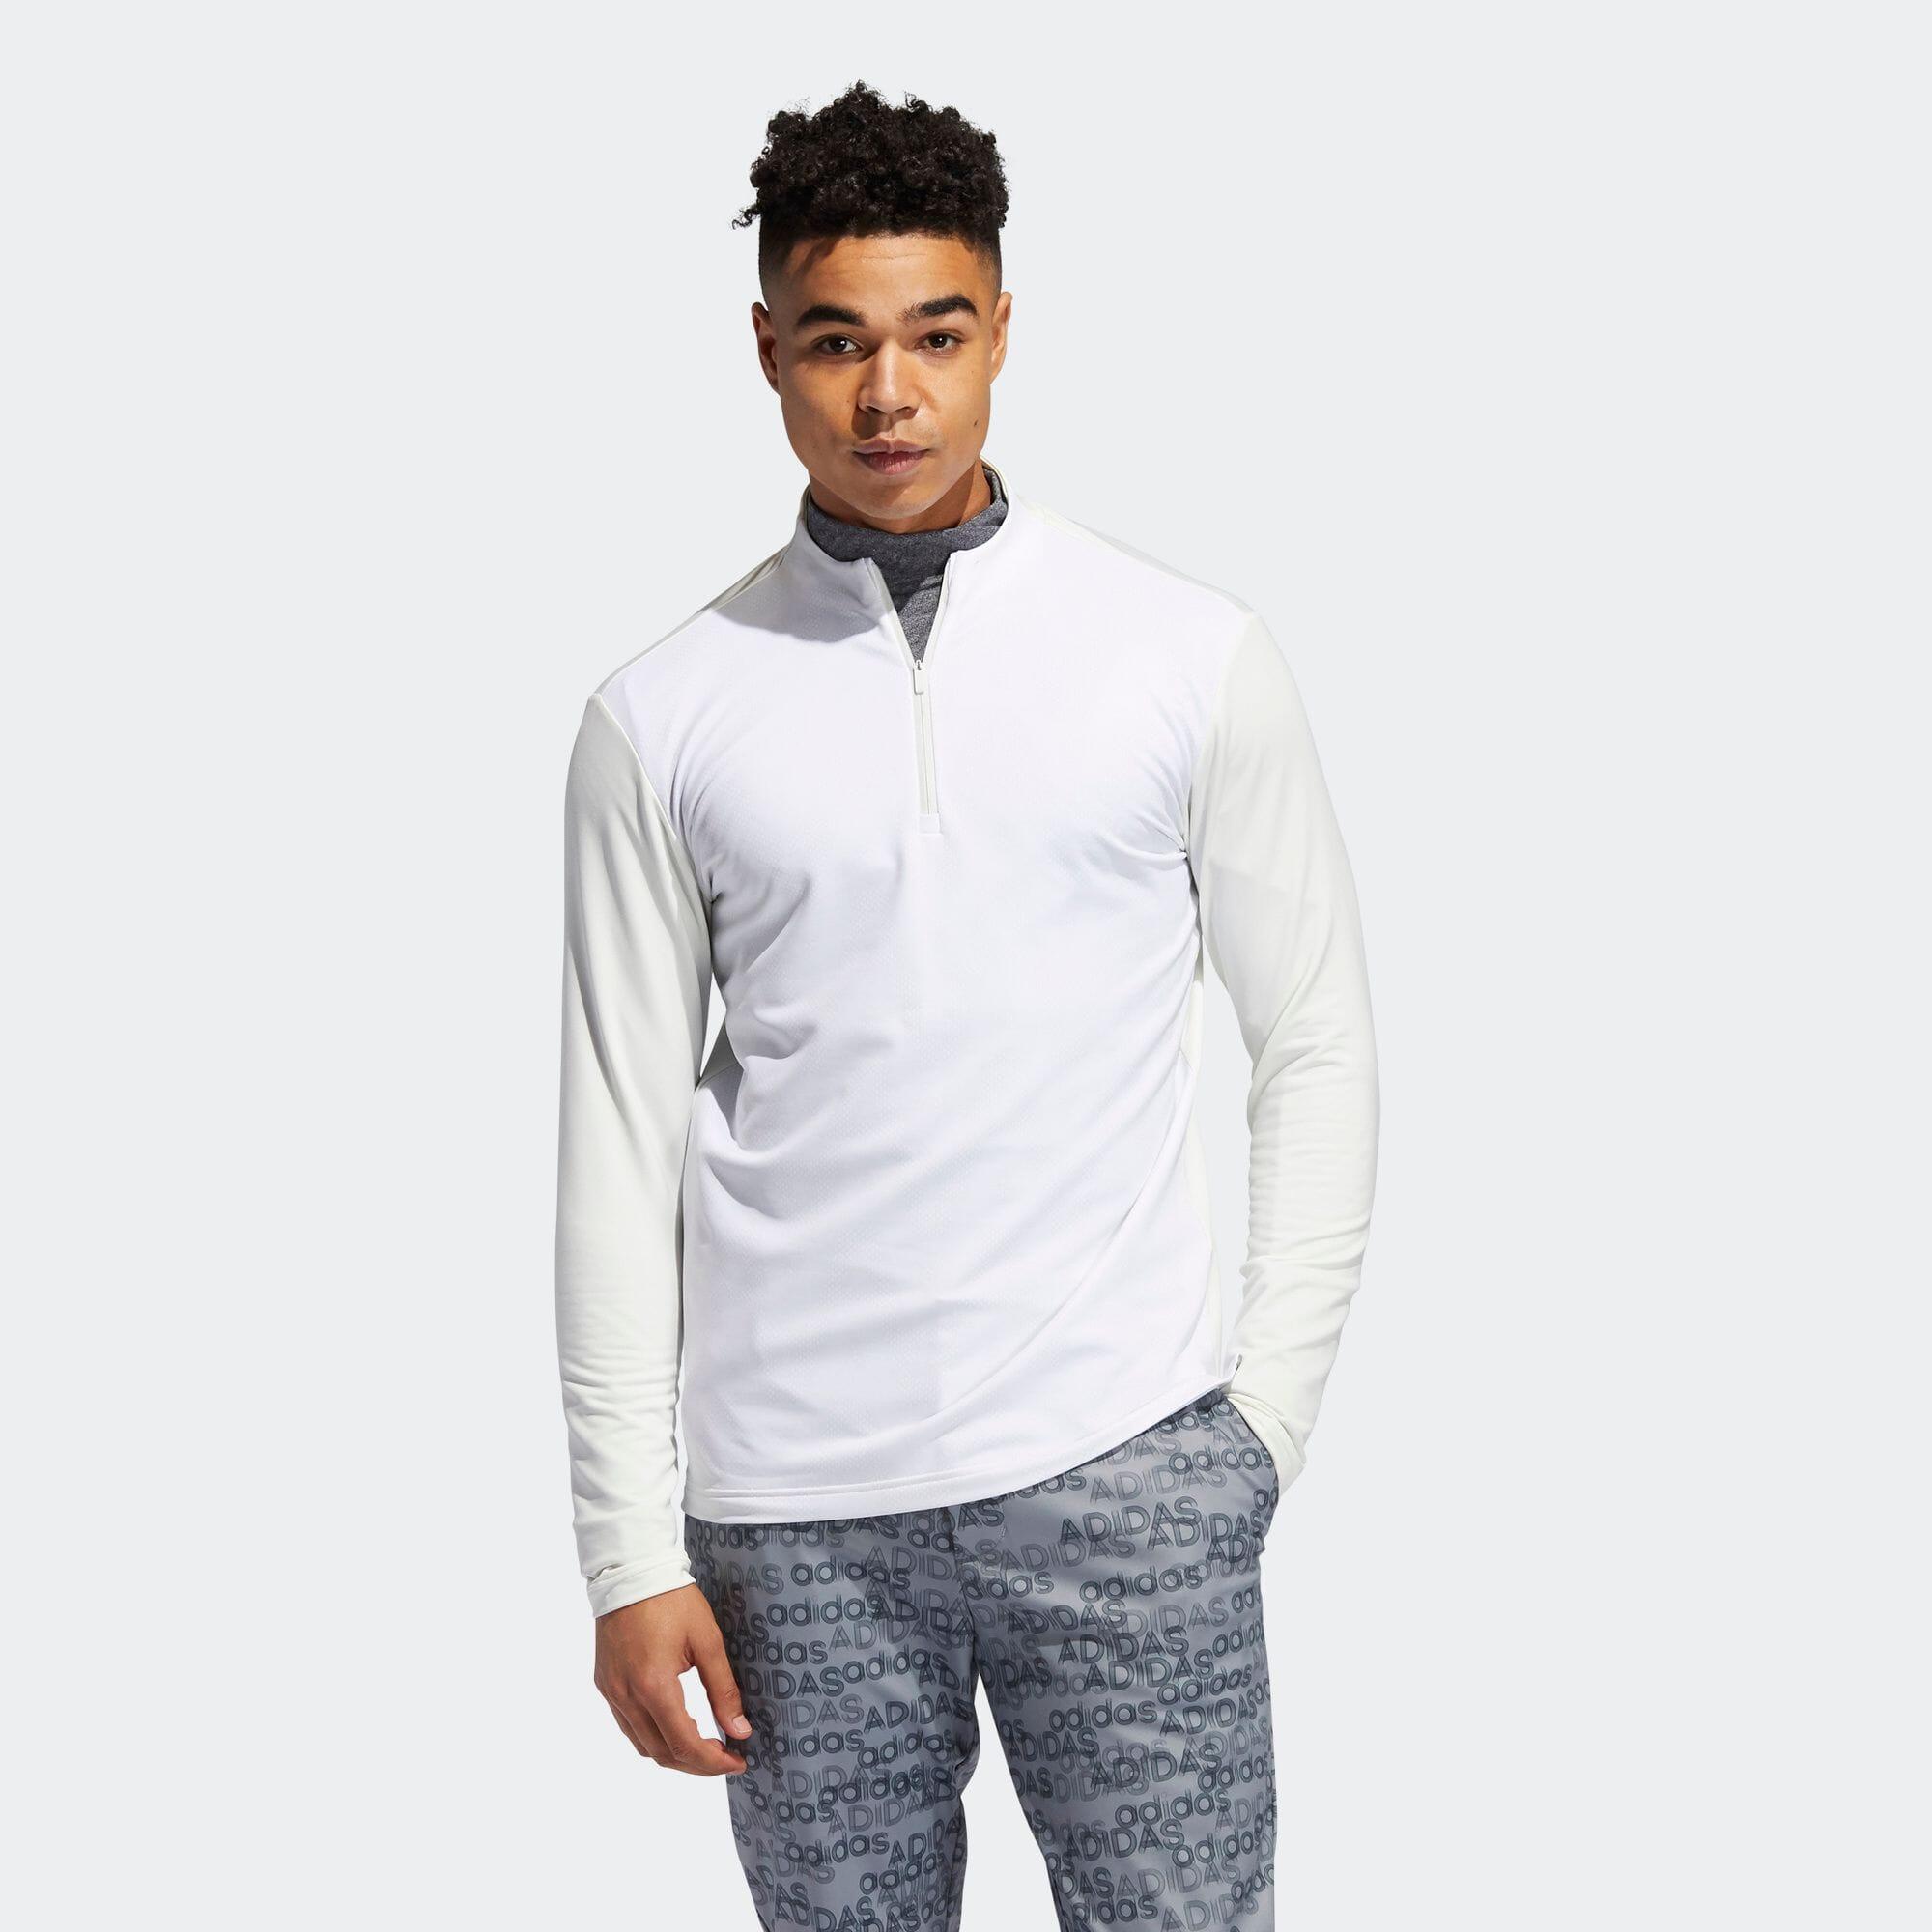 ジオメトリックパターン 長袖ジップモックシャツ 【ゴルフ】/ Graphic Half Zip Sweatshirt